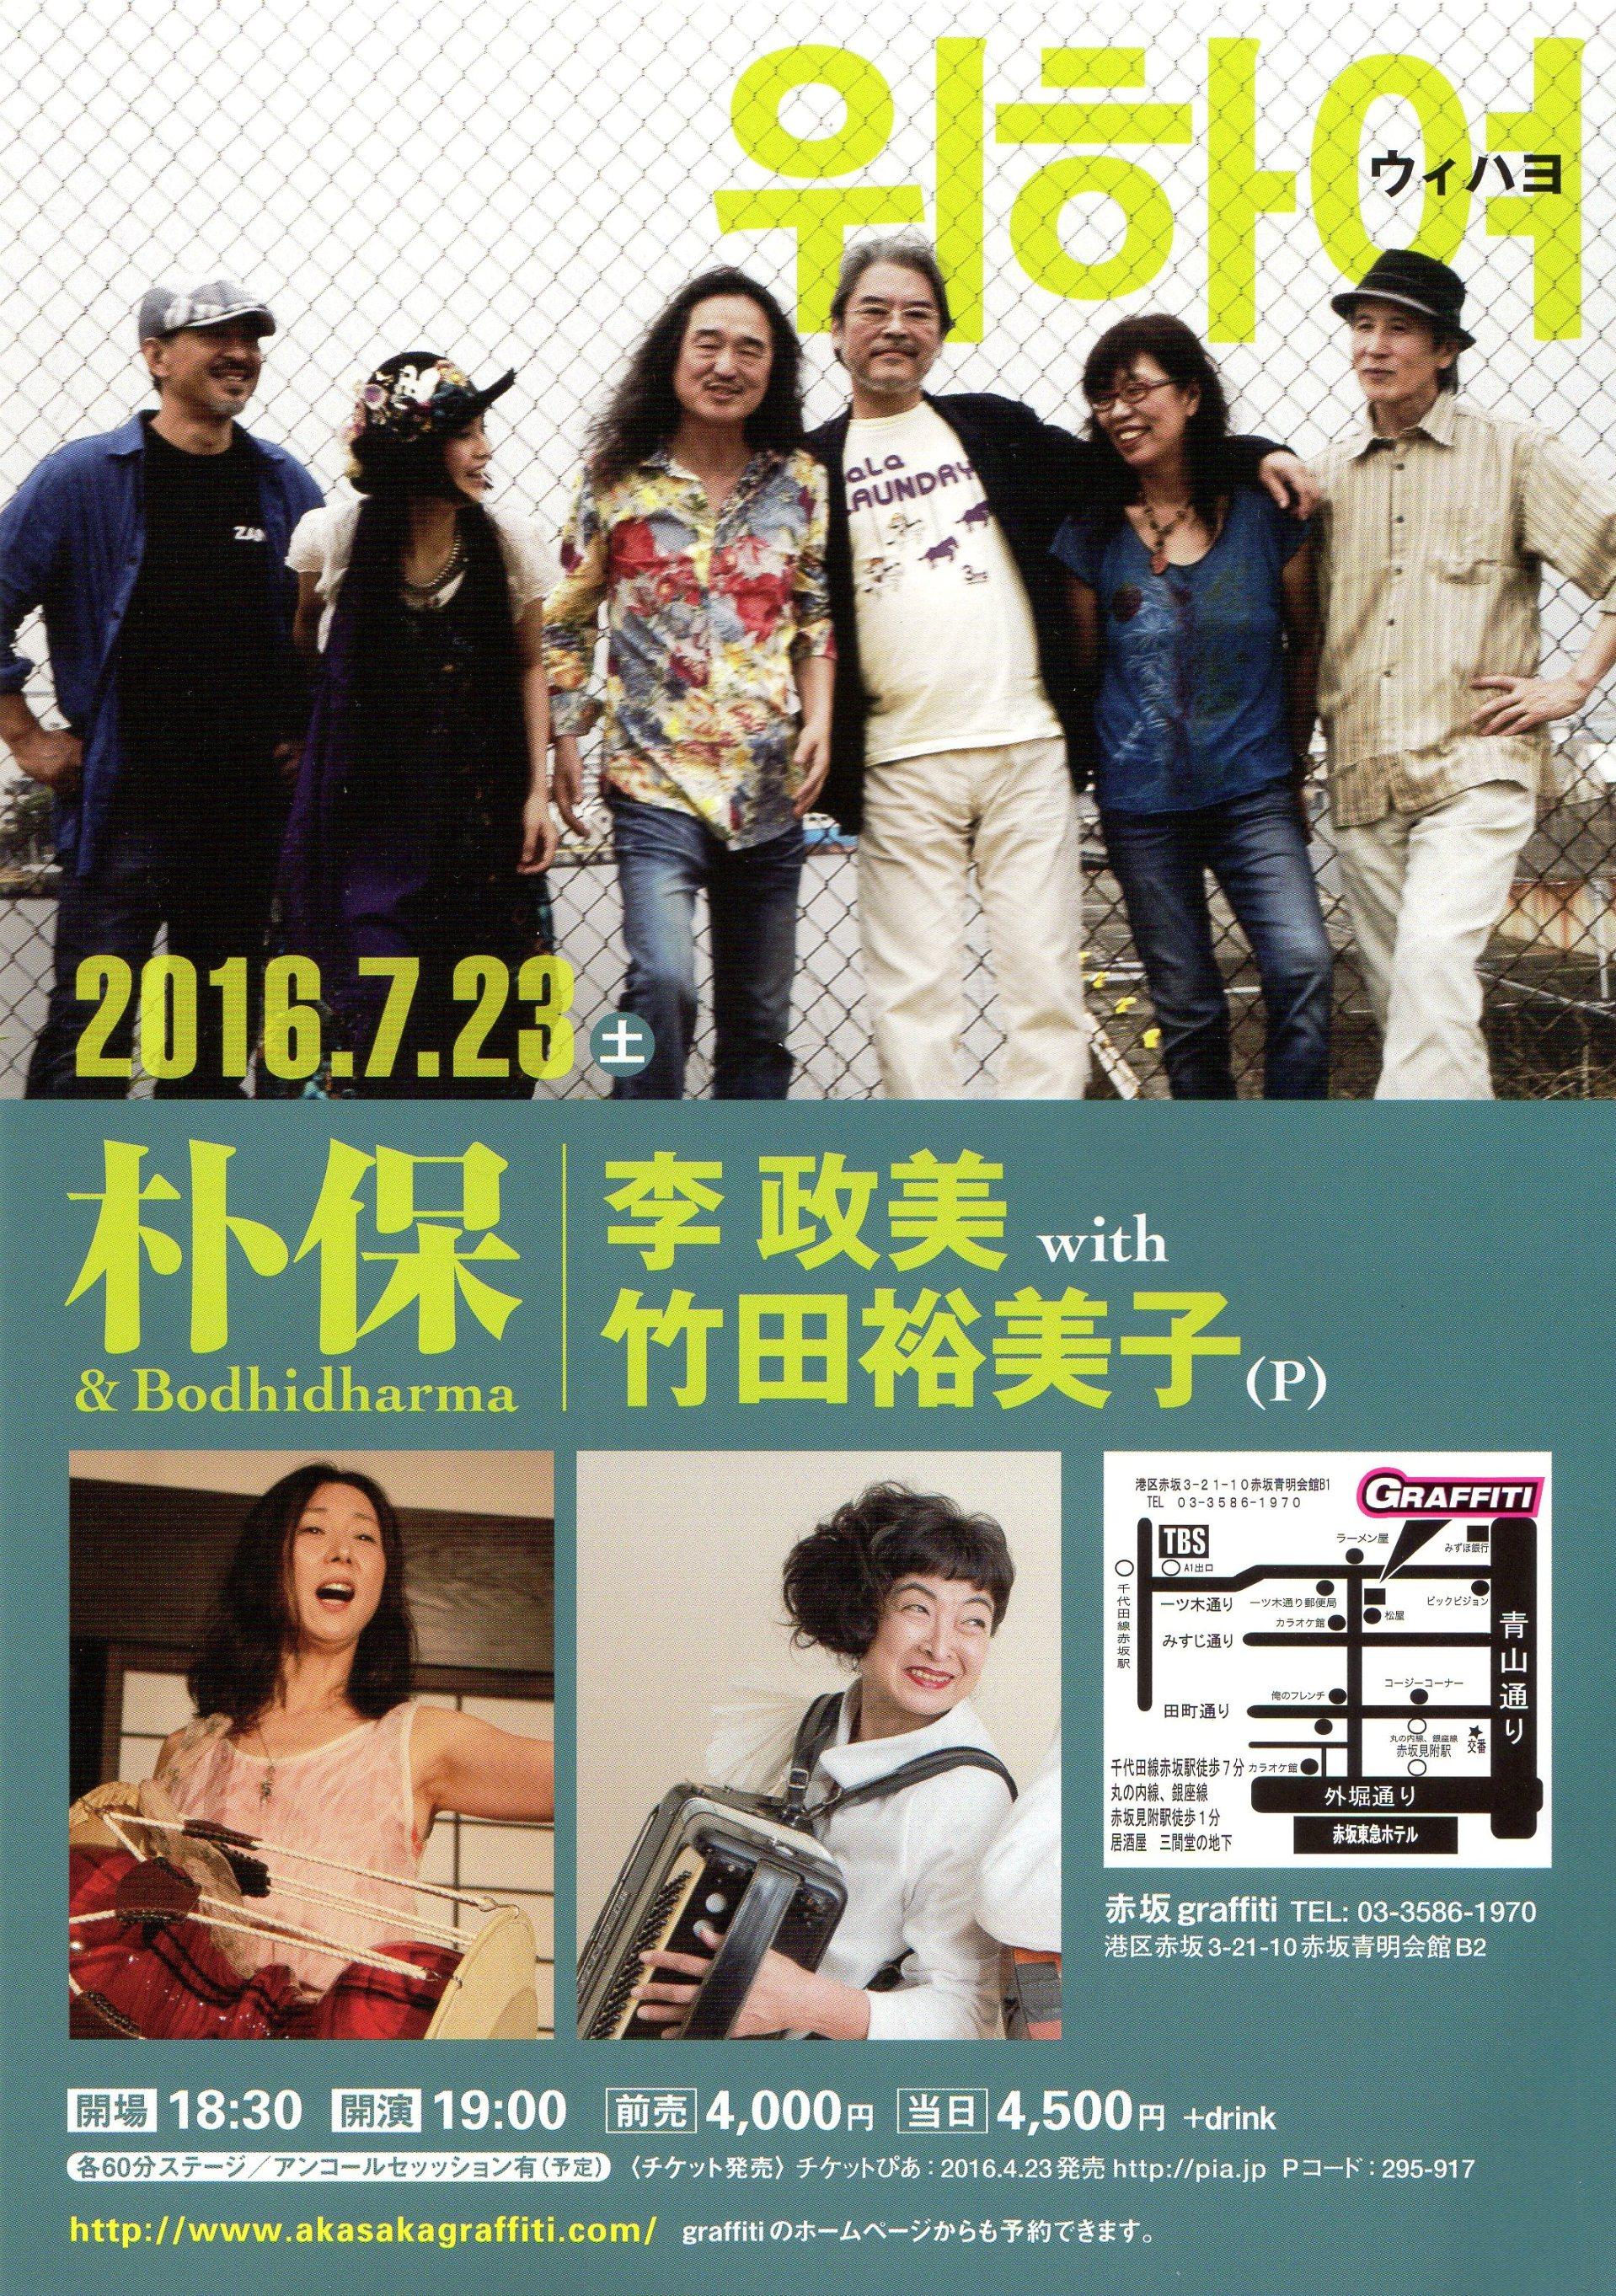 20160723赤坂グラフィティR